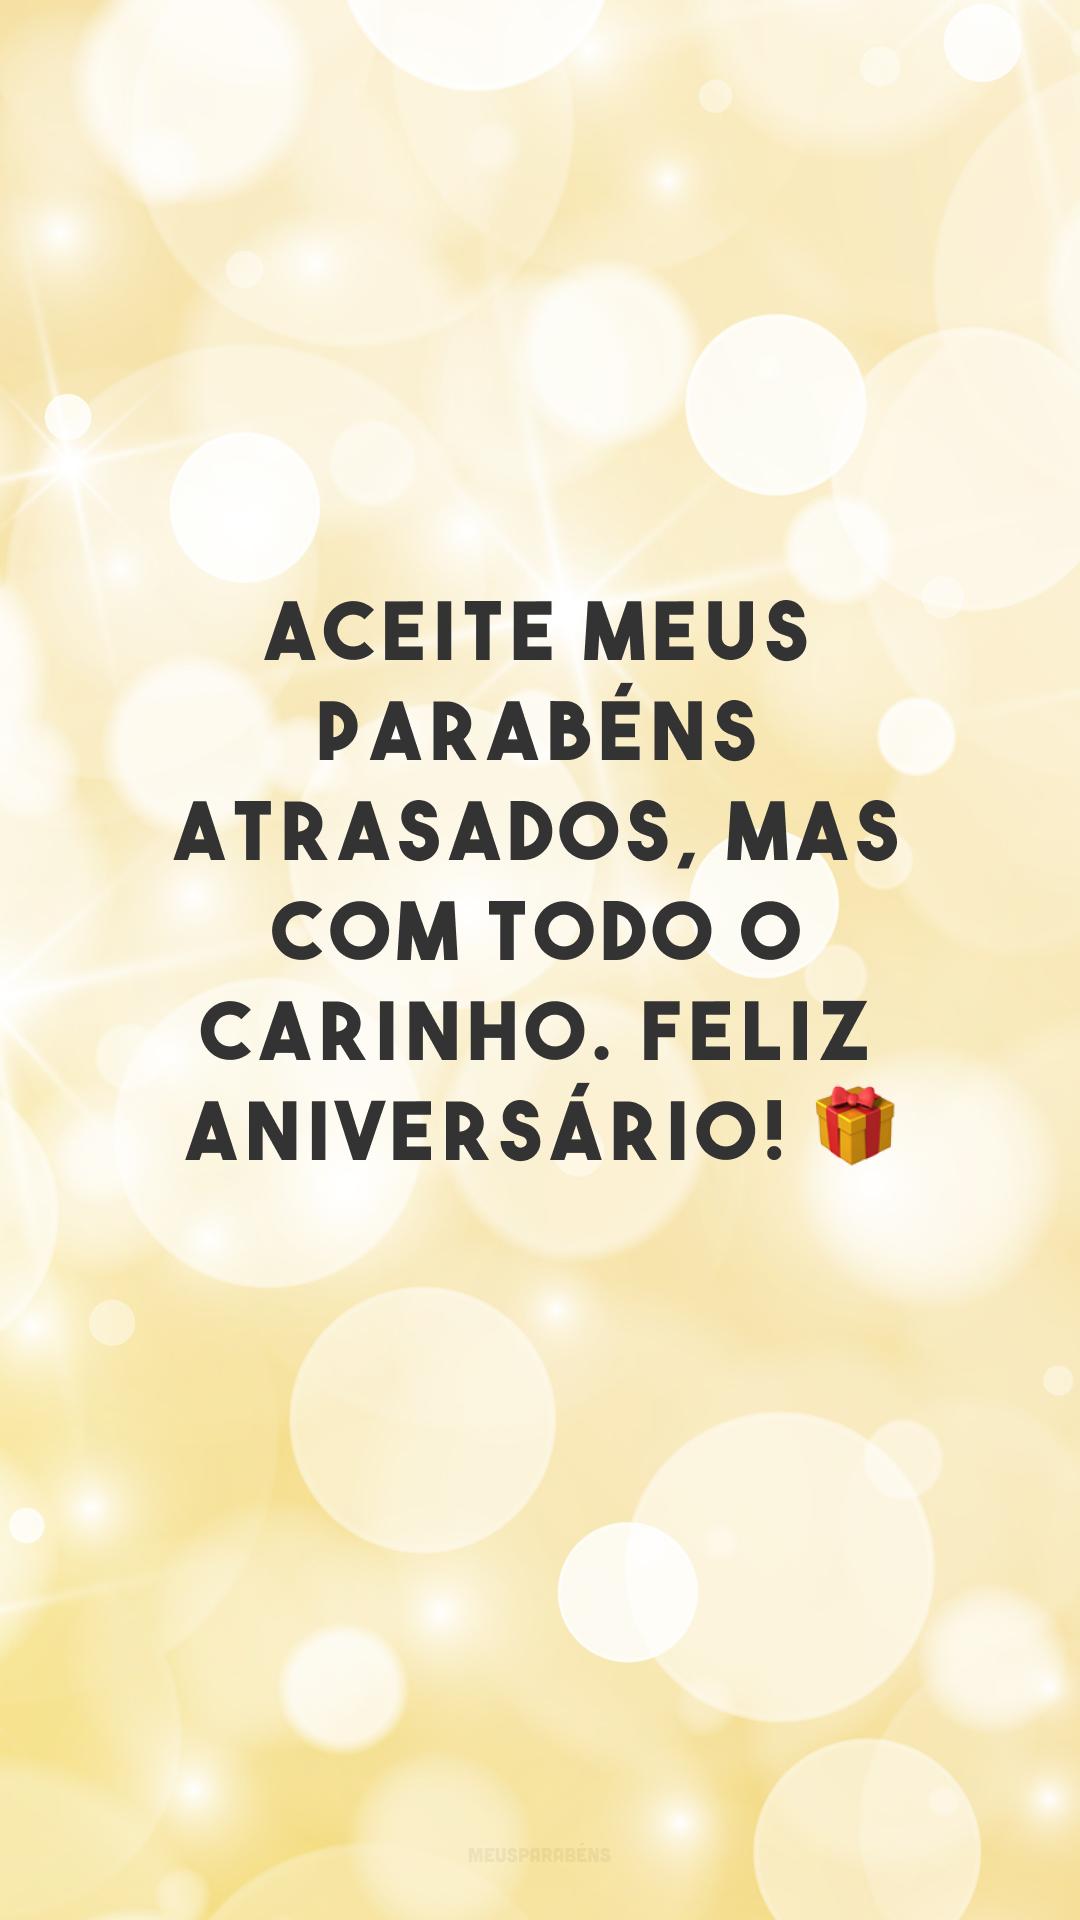 Aceite meus parabéns atrasados, mas com todo o carinho. Feliz aniversário! 🎁